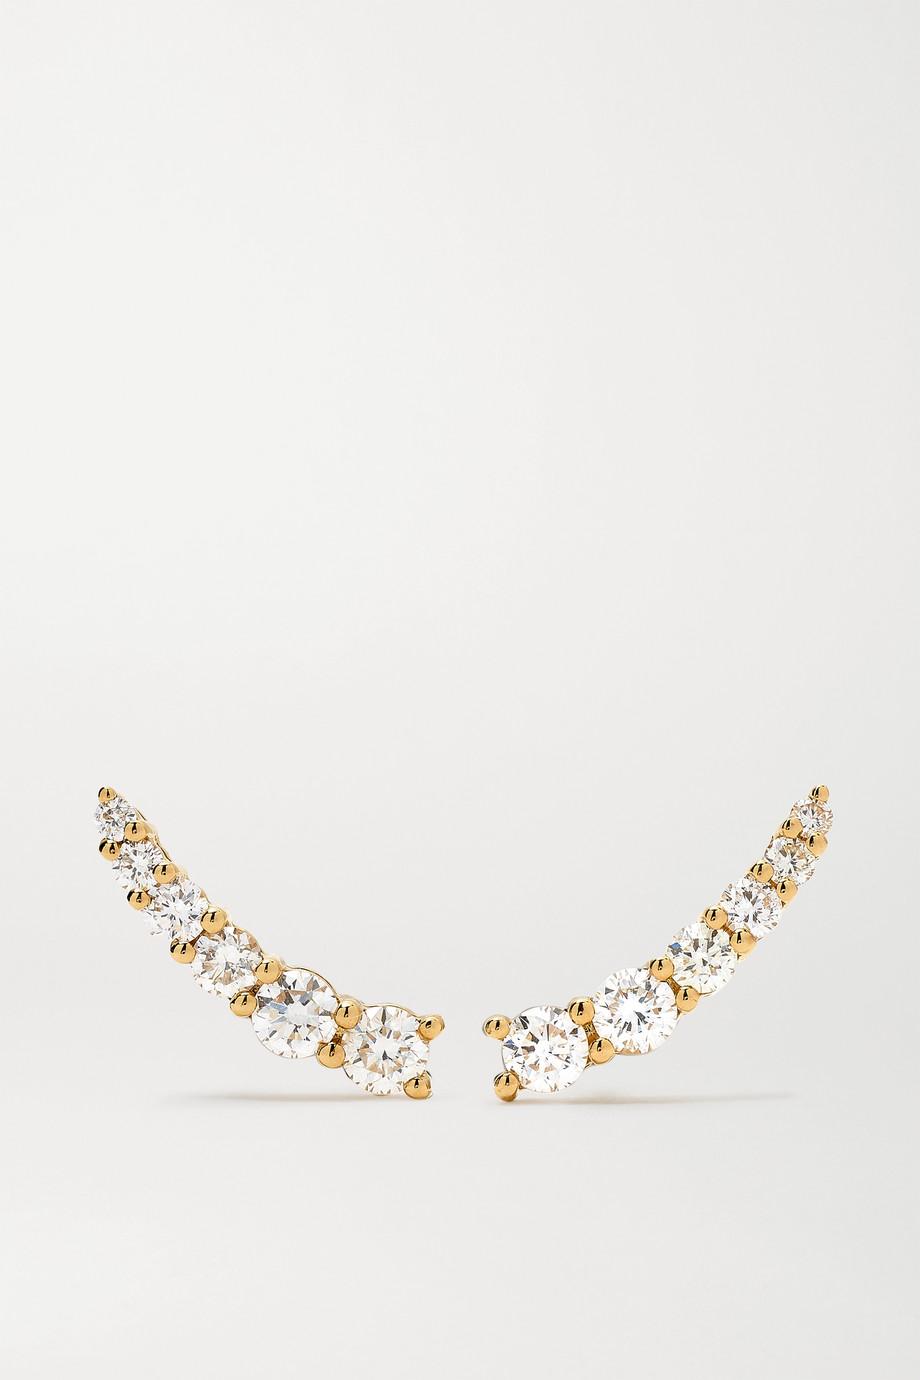 Anita Ko Boucles d'oreilles en or 18carats et diamants